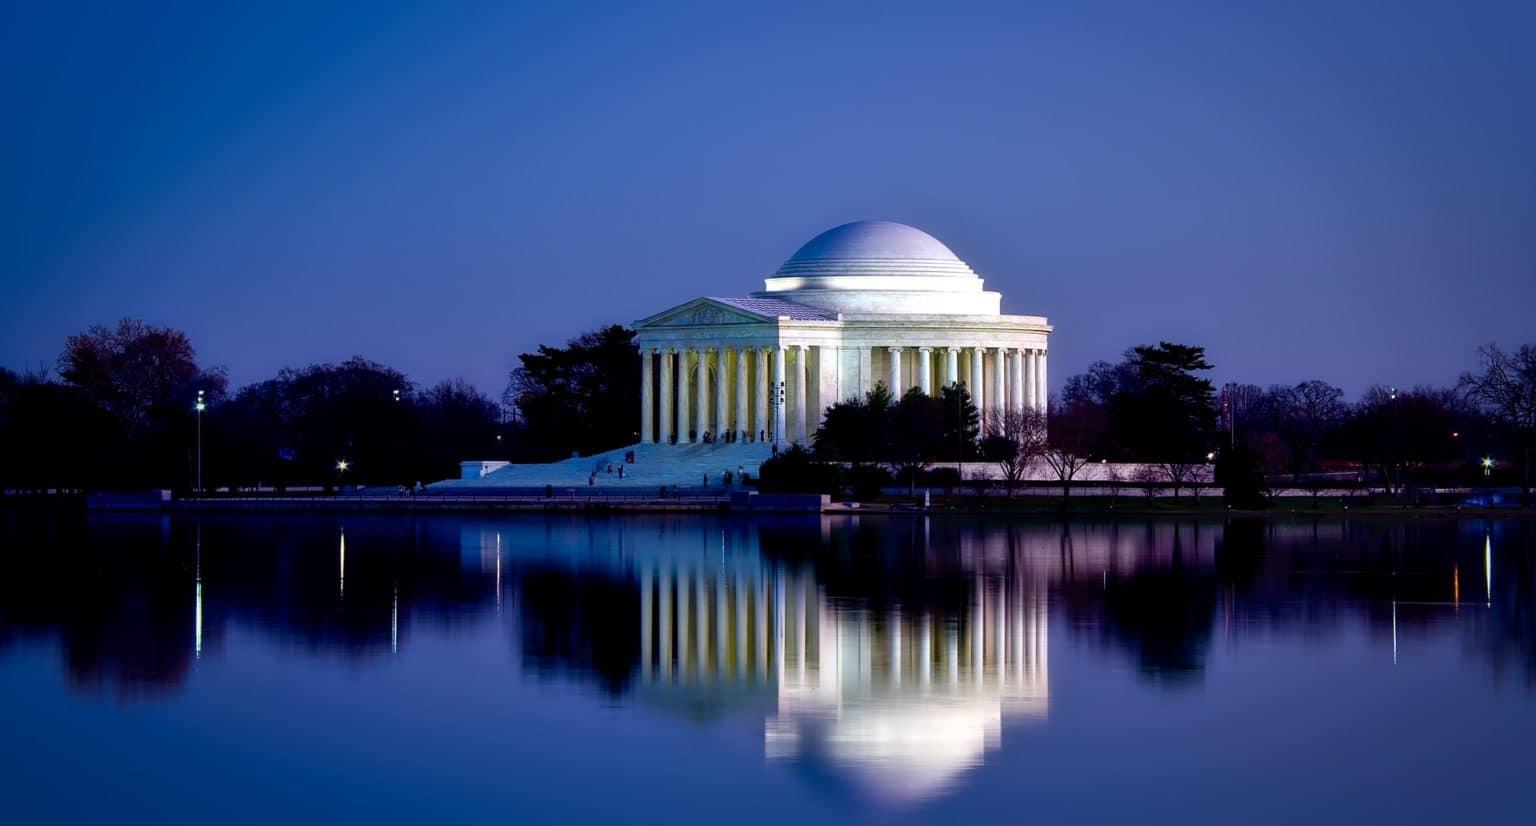 Walking tour in Washington D.C.